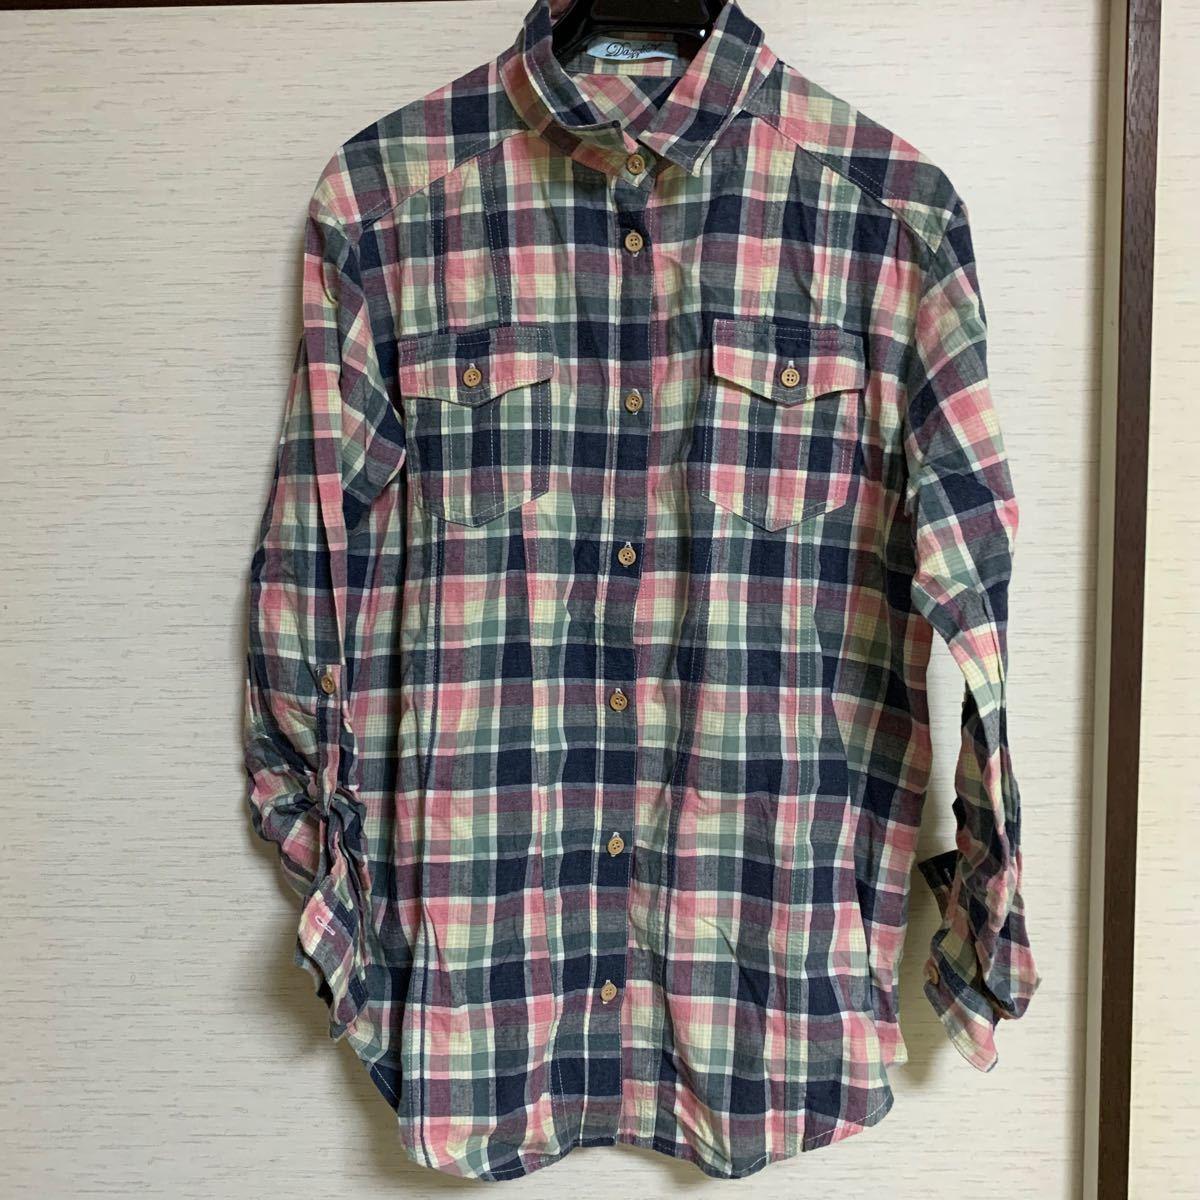 dazzlin ダズリン チェックシャツ ネルシャツ 長袖シャツ チェック柄